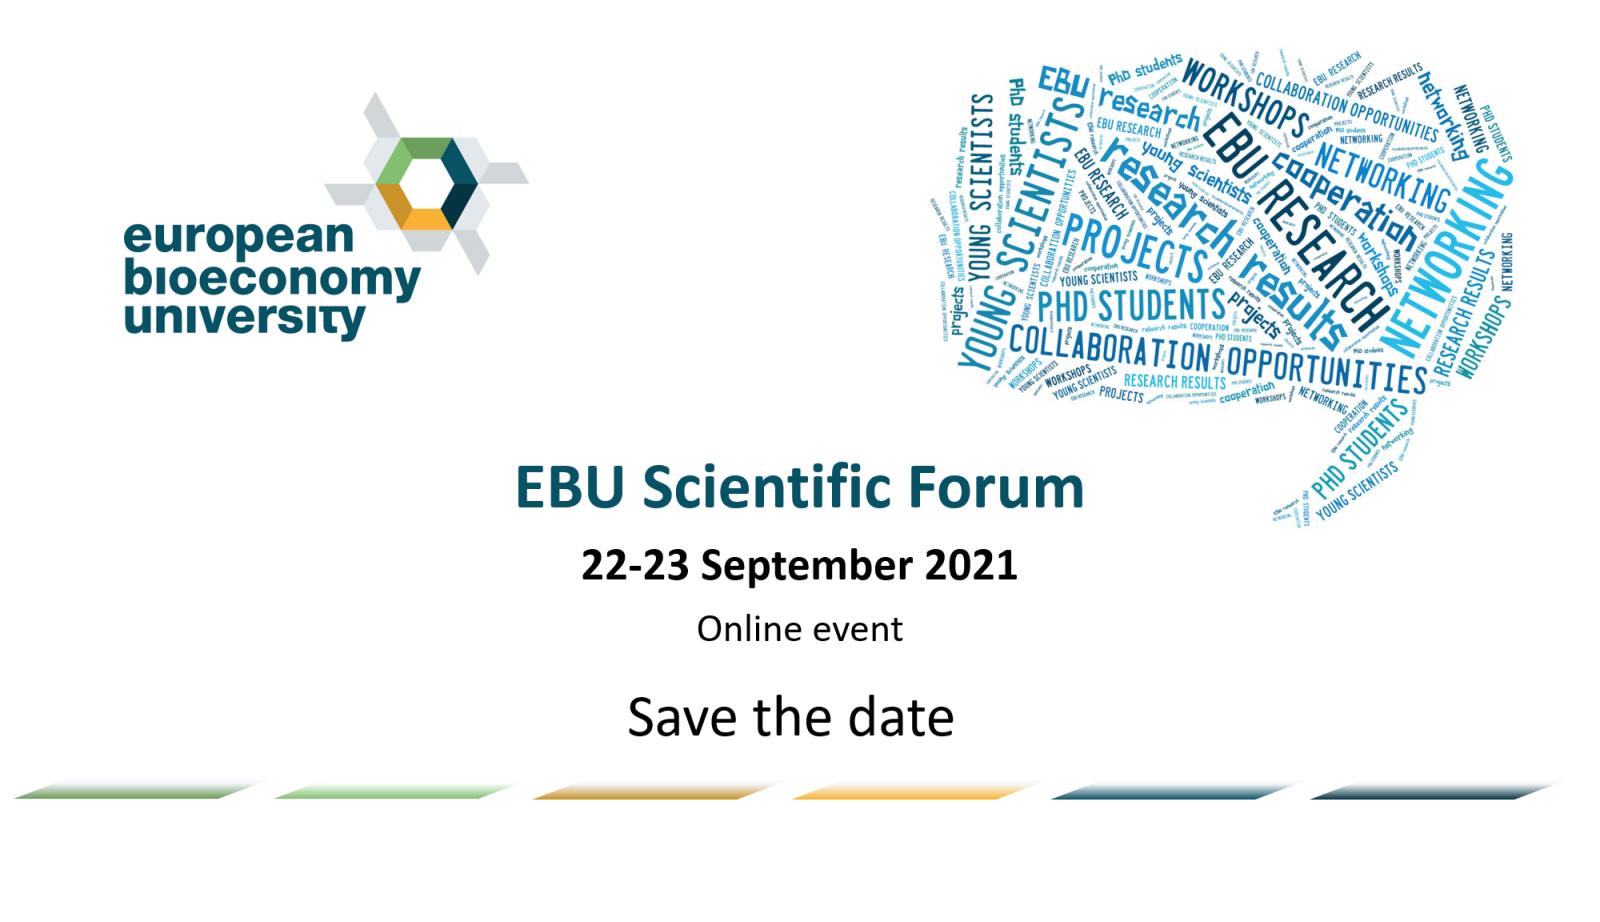 EBU Scientific Forum – Save the date